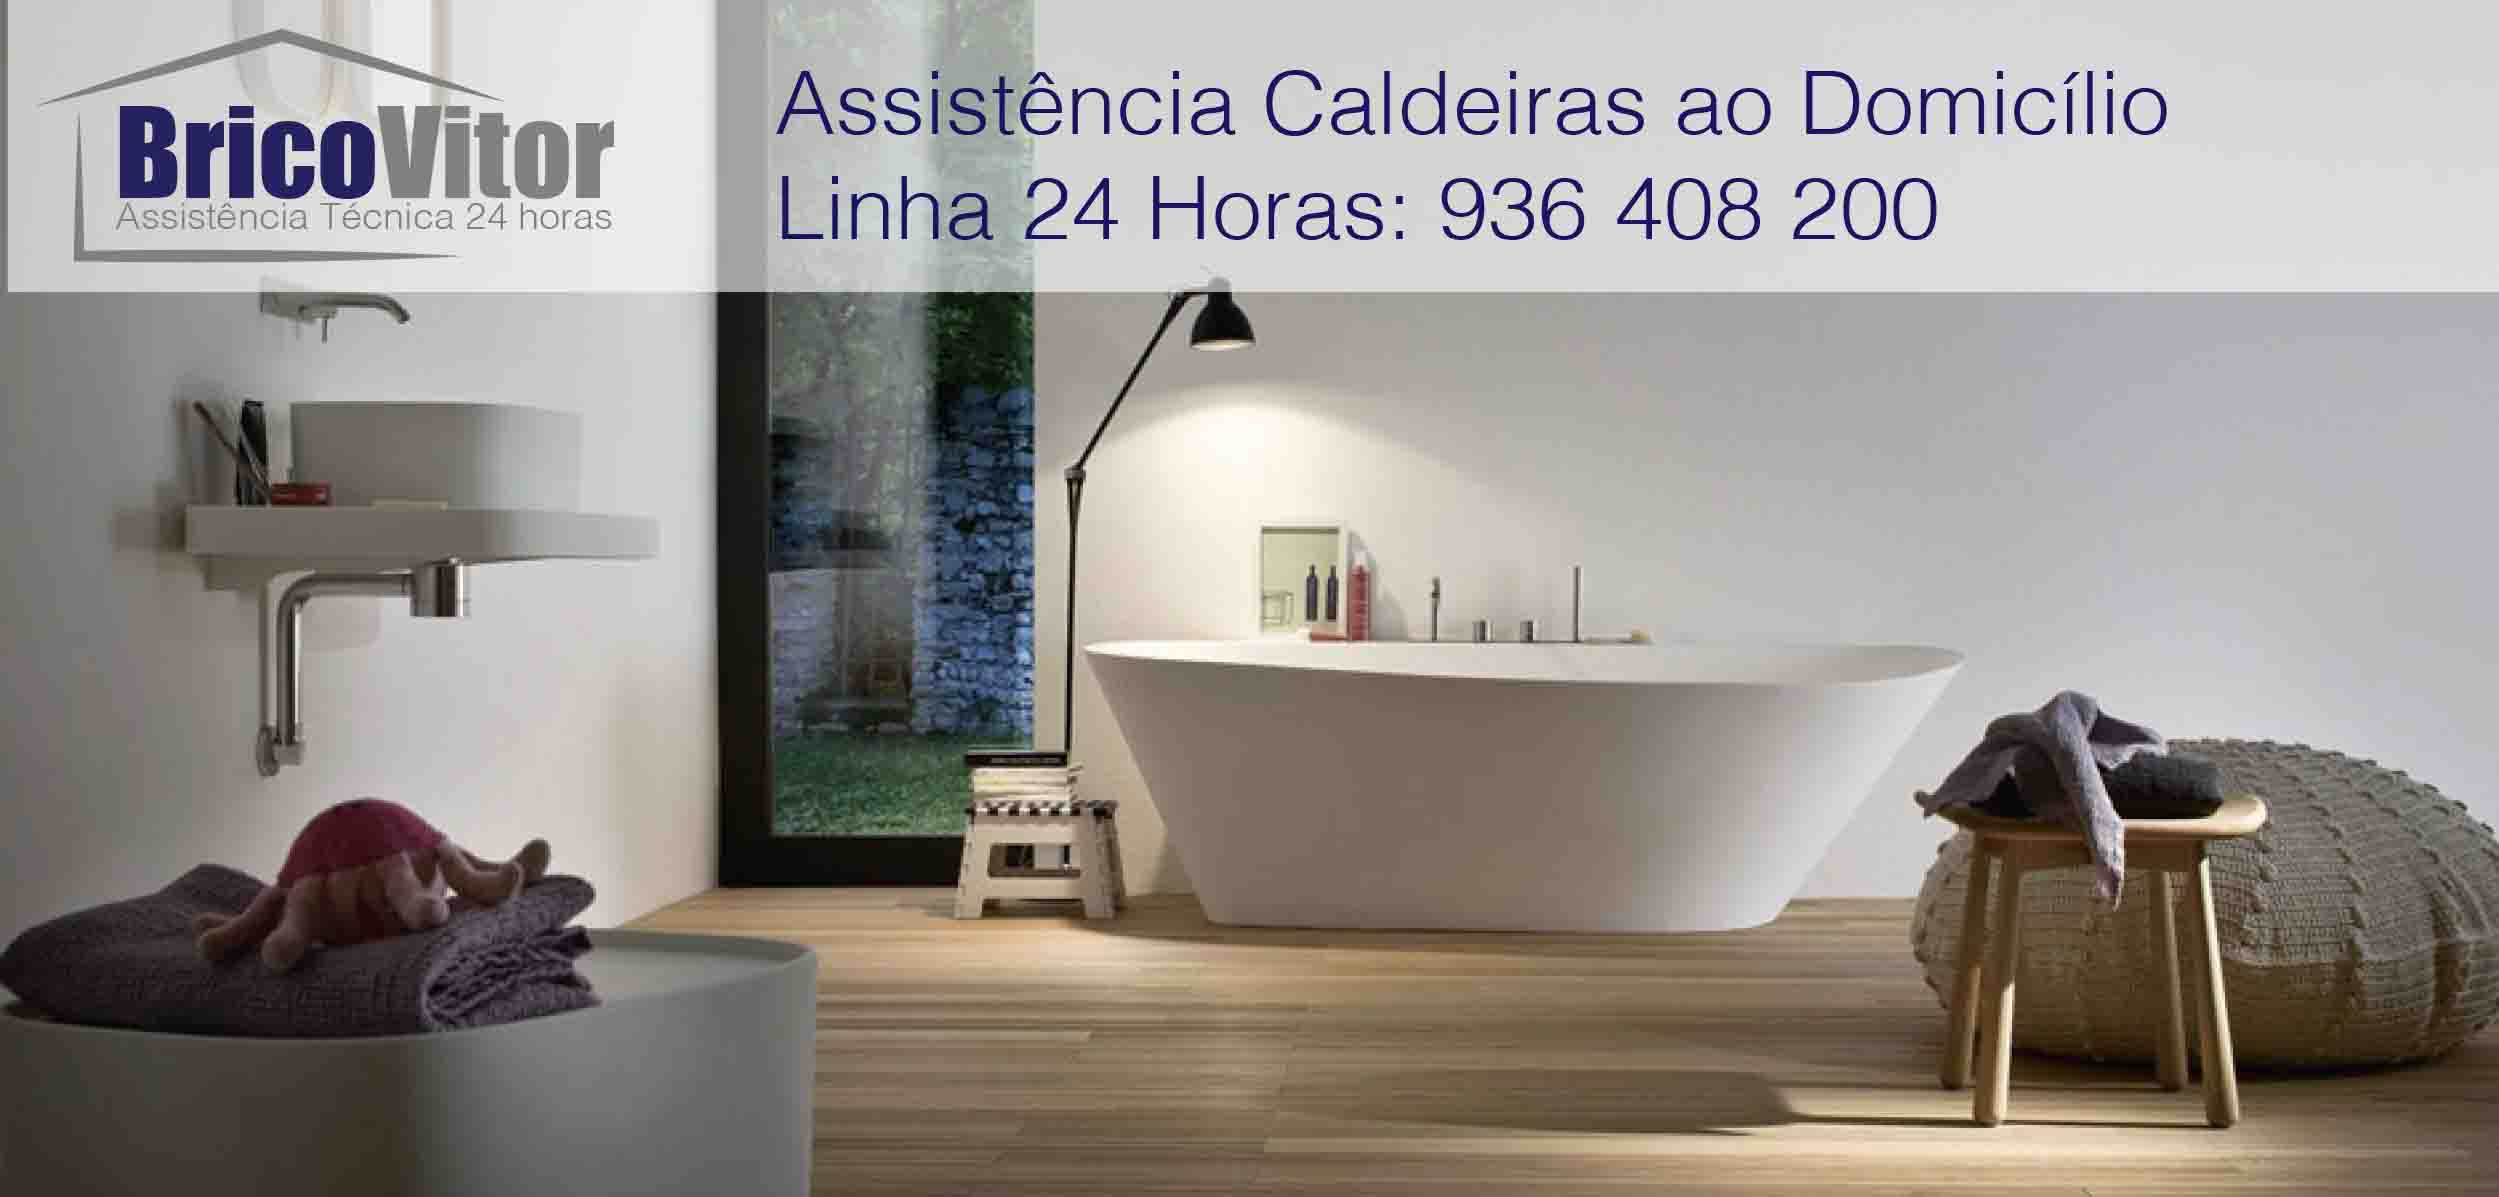 Assistência Esquentador Vila Cova - Penafiel - Empresa de Assistência Reparação e Manutenção de Esquentador